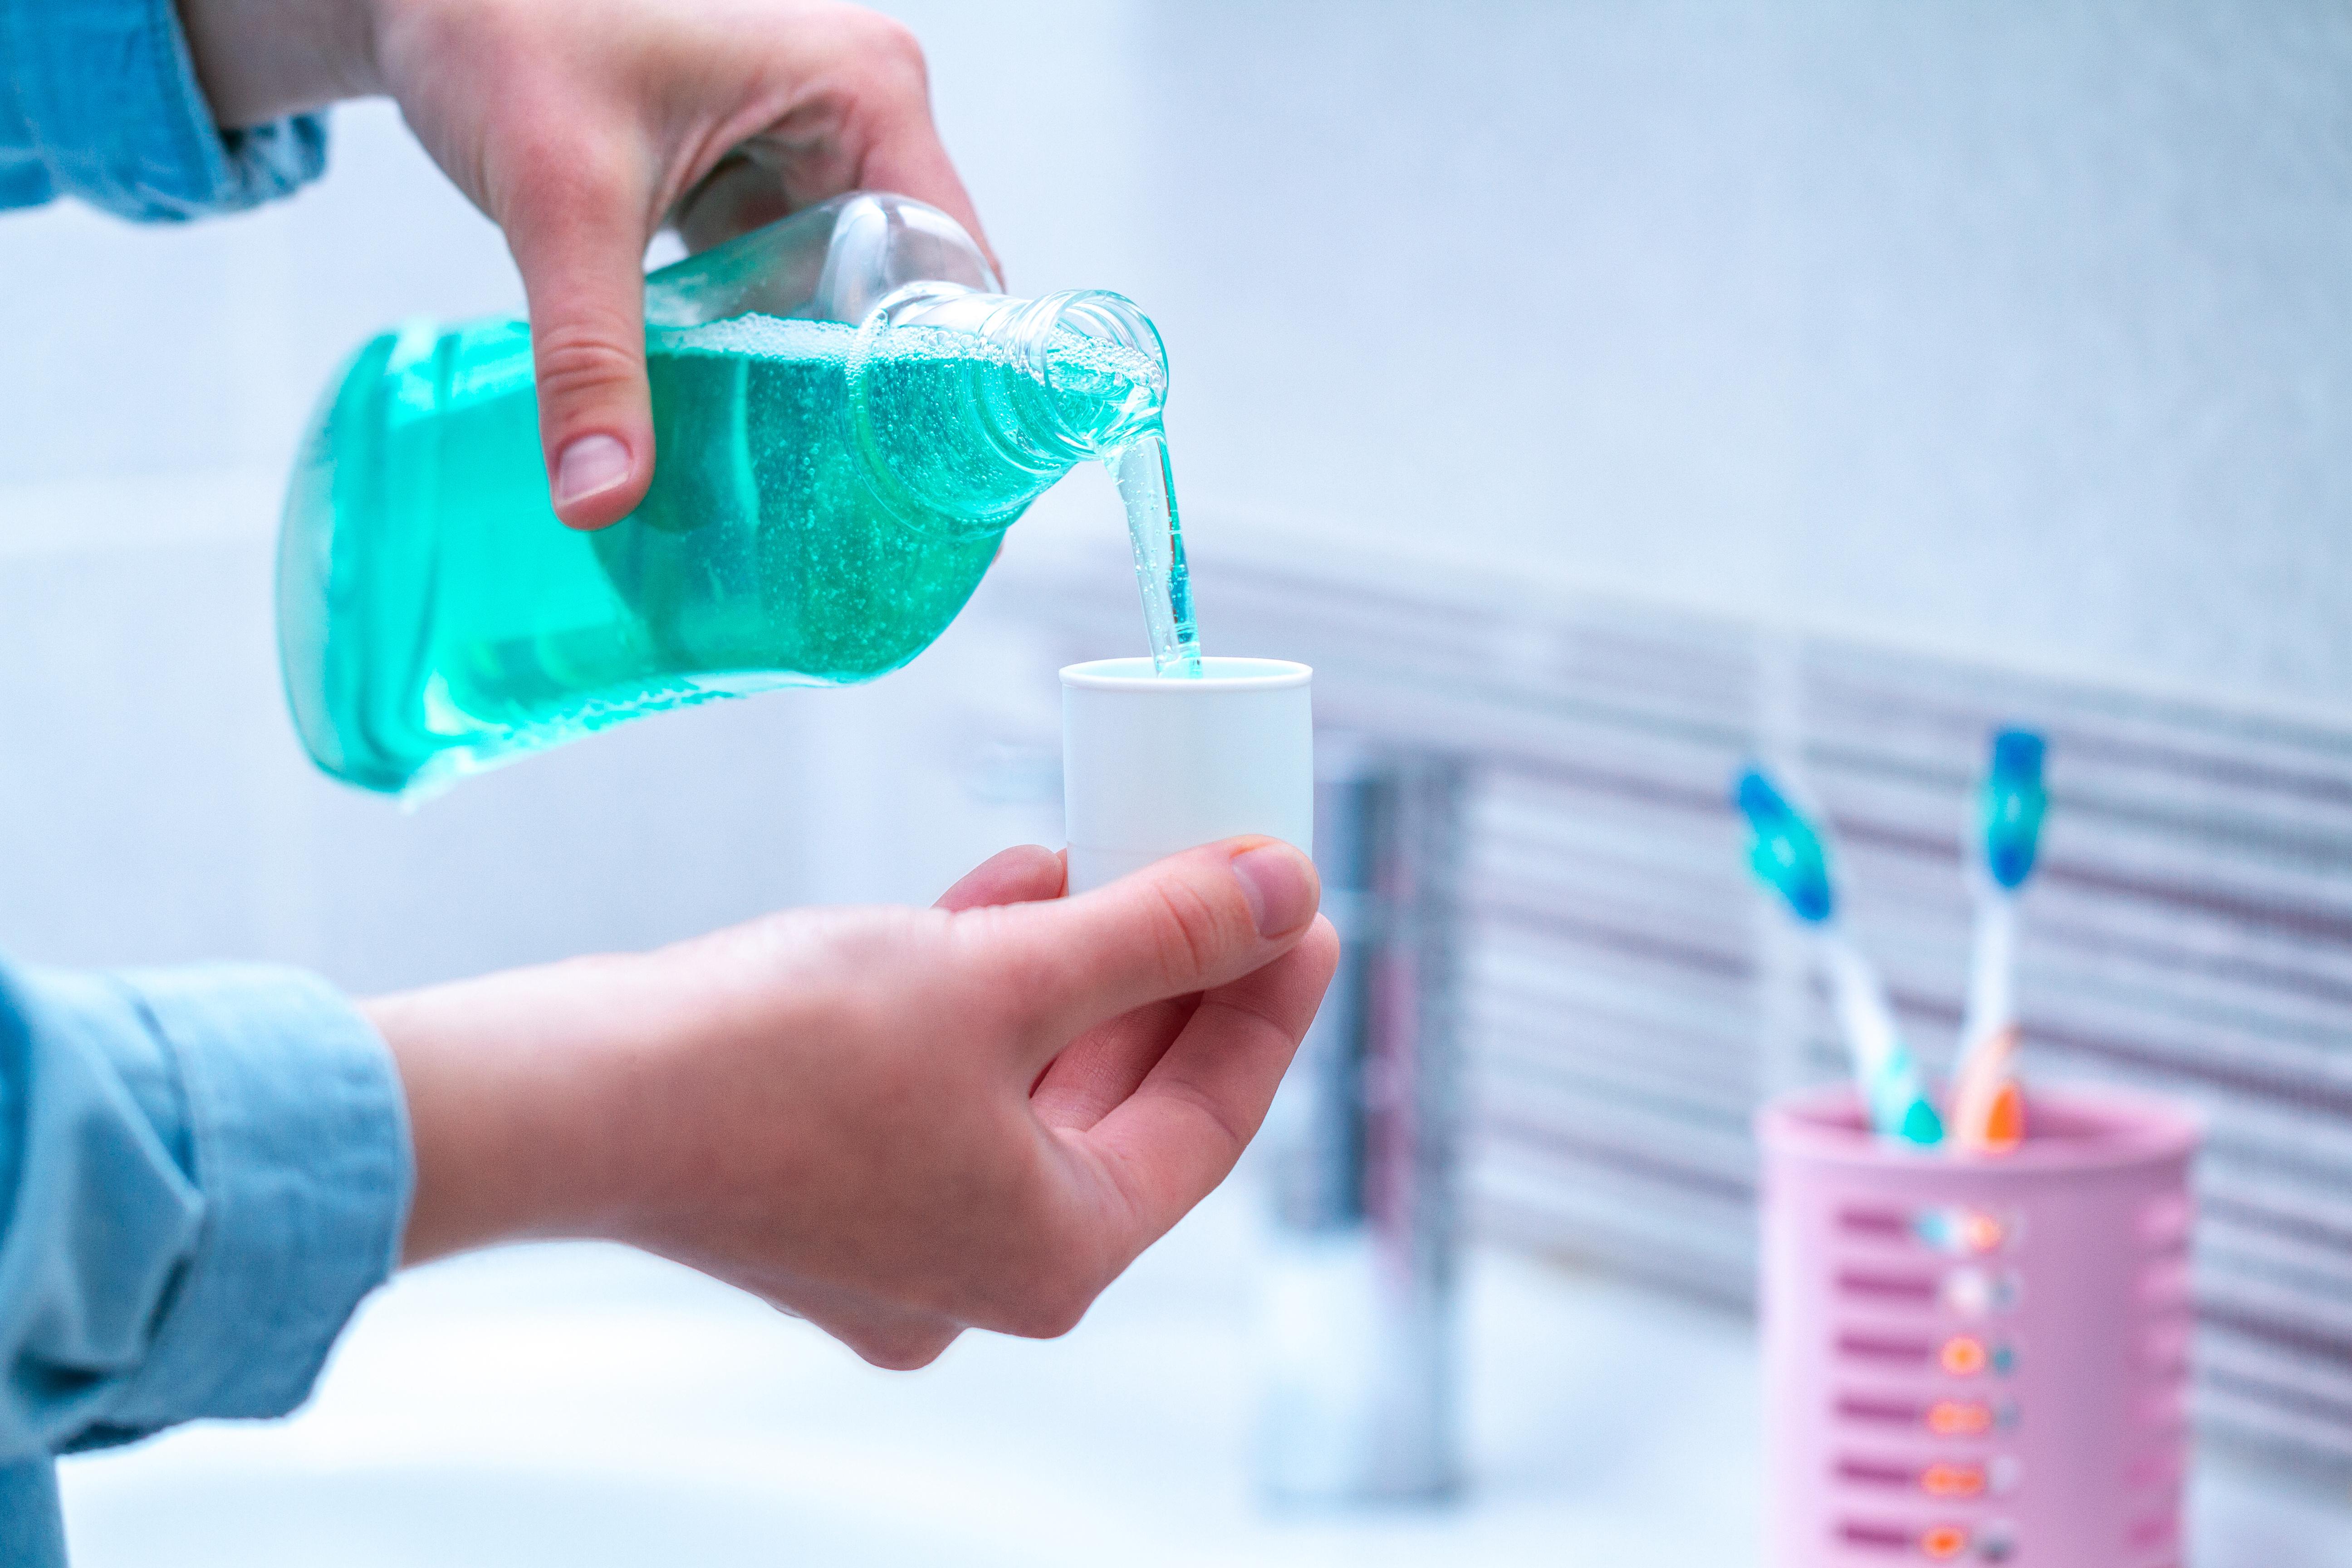 Premières preuves d'infection par le SARS-CoV-2 des cellules de la bouche (Visuel Adobe Stock 269330104)